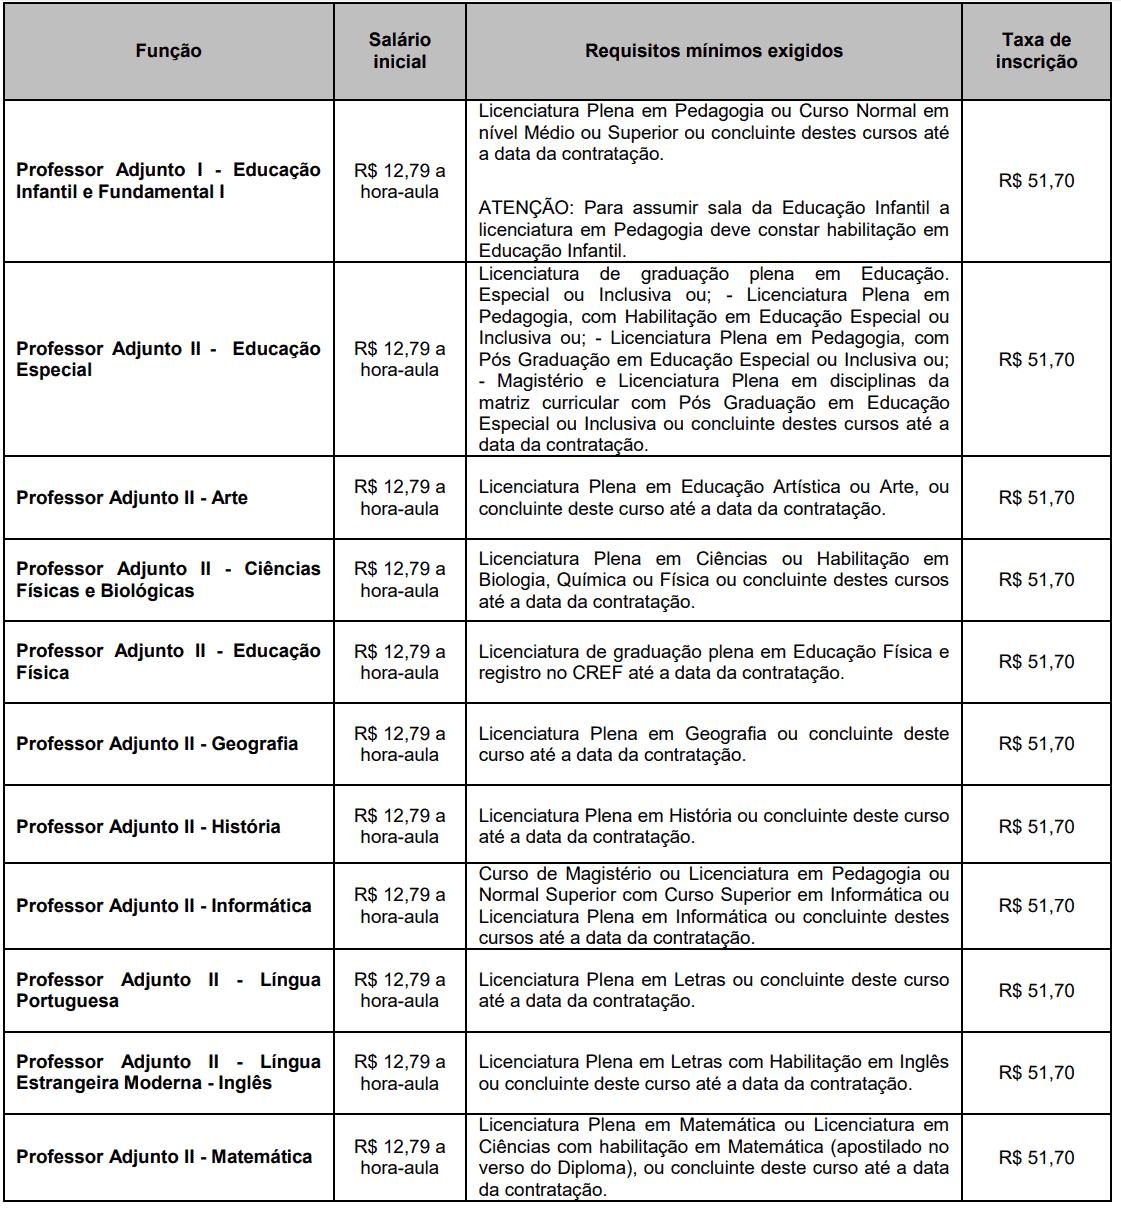 464 - Processo seletivo Prefeitura de Ourinhos SP: Inscrições encerradas